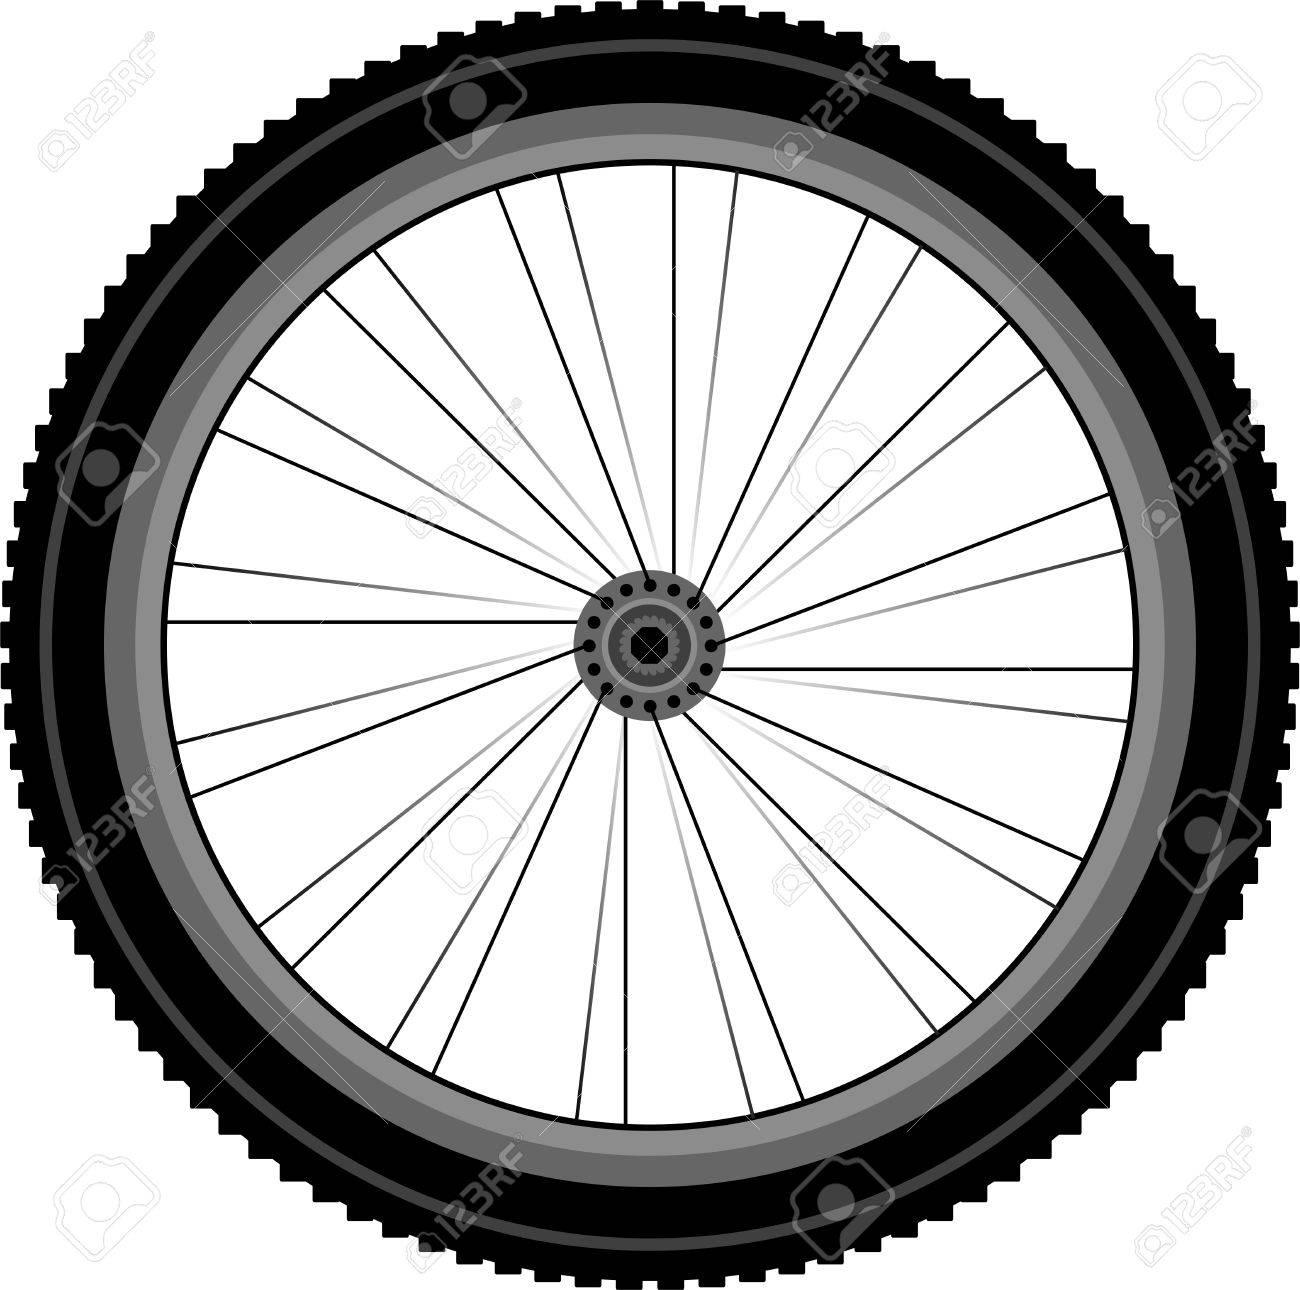 マウンテン バイクの詳細なフロント ホイール ロイヤリティフリー